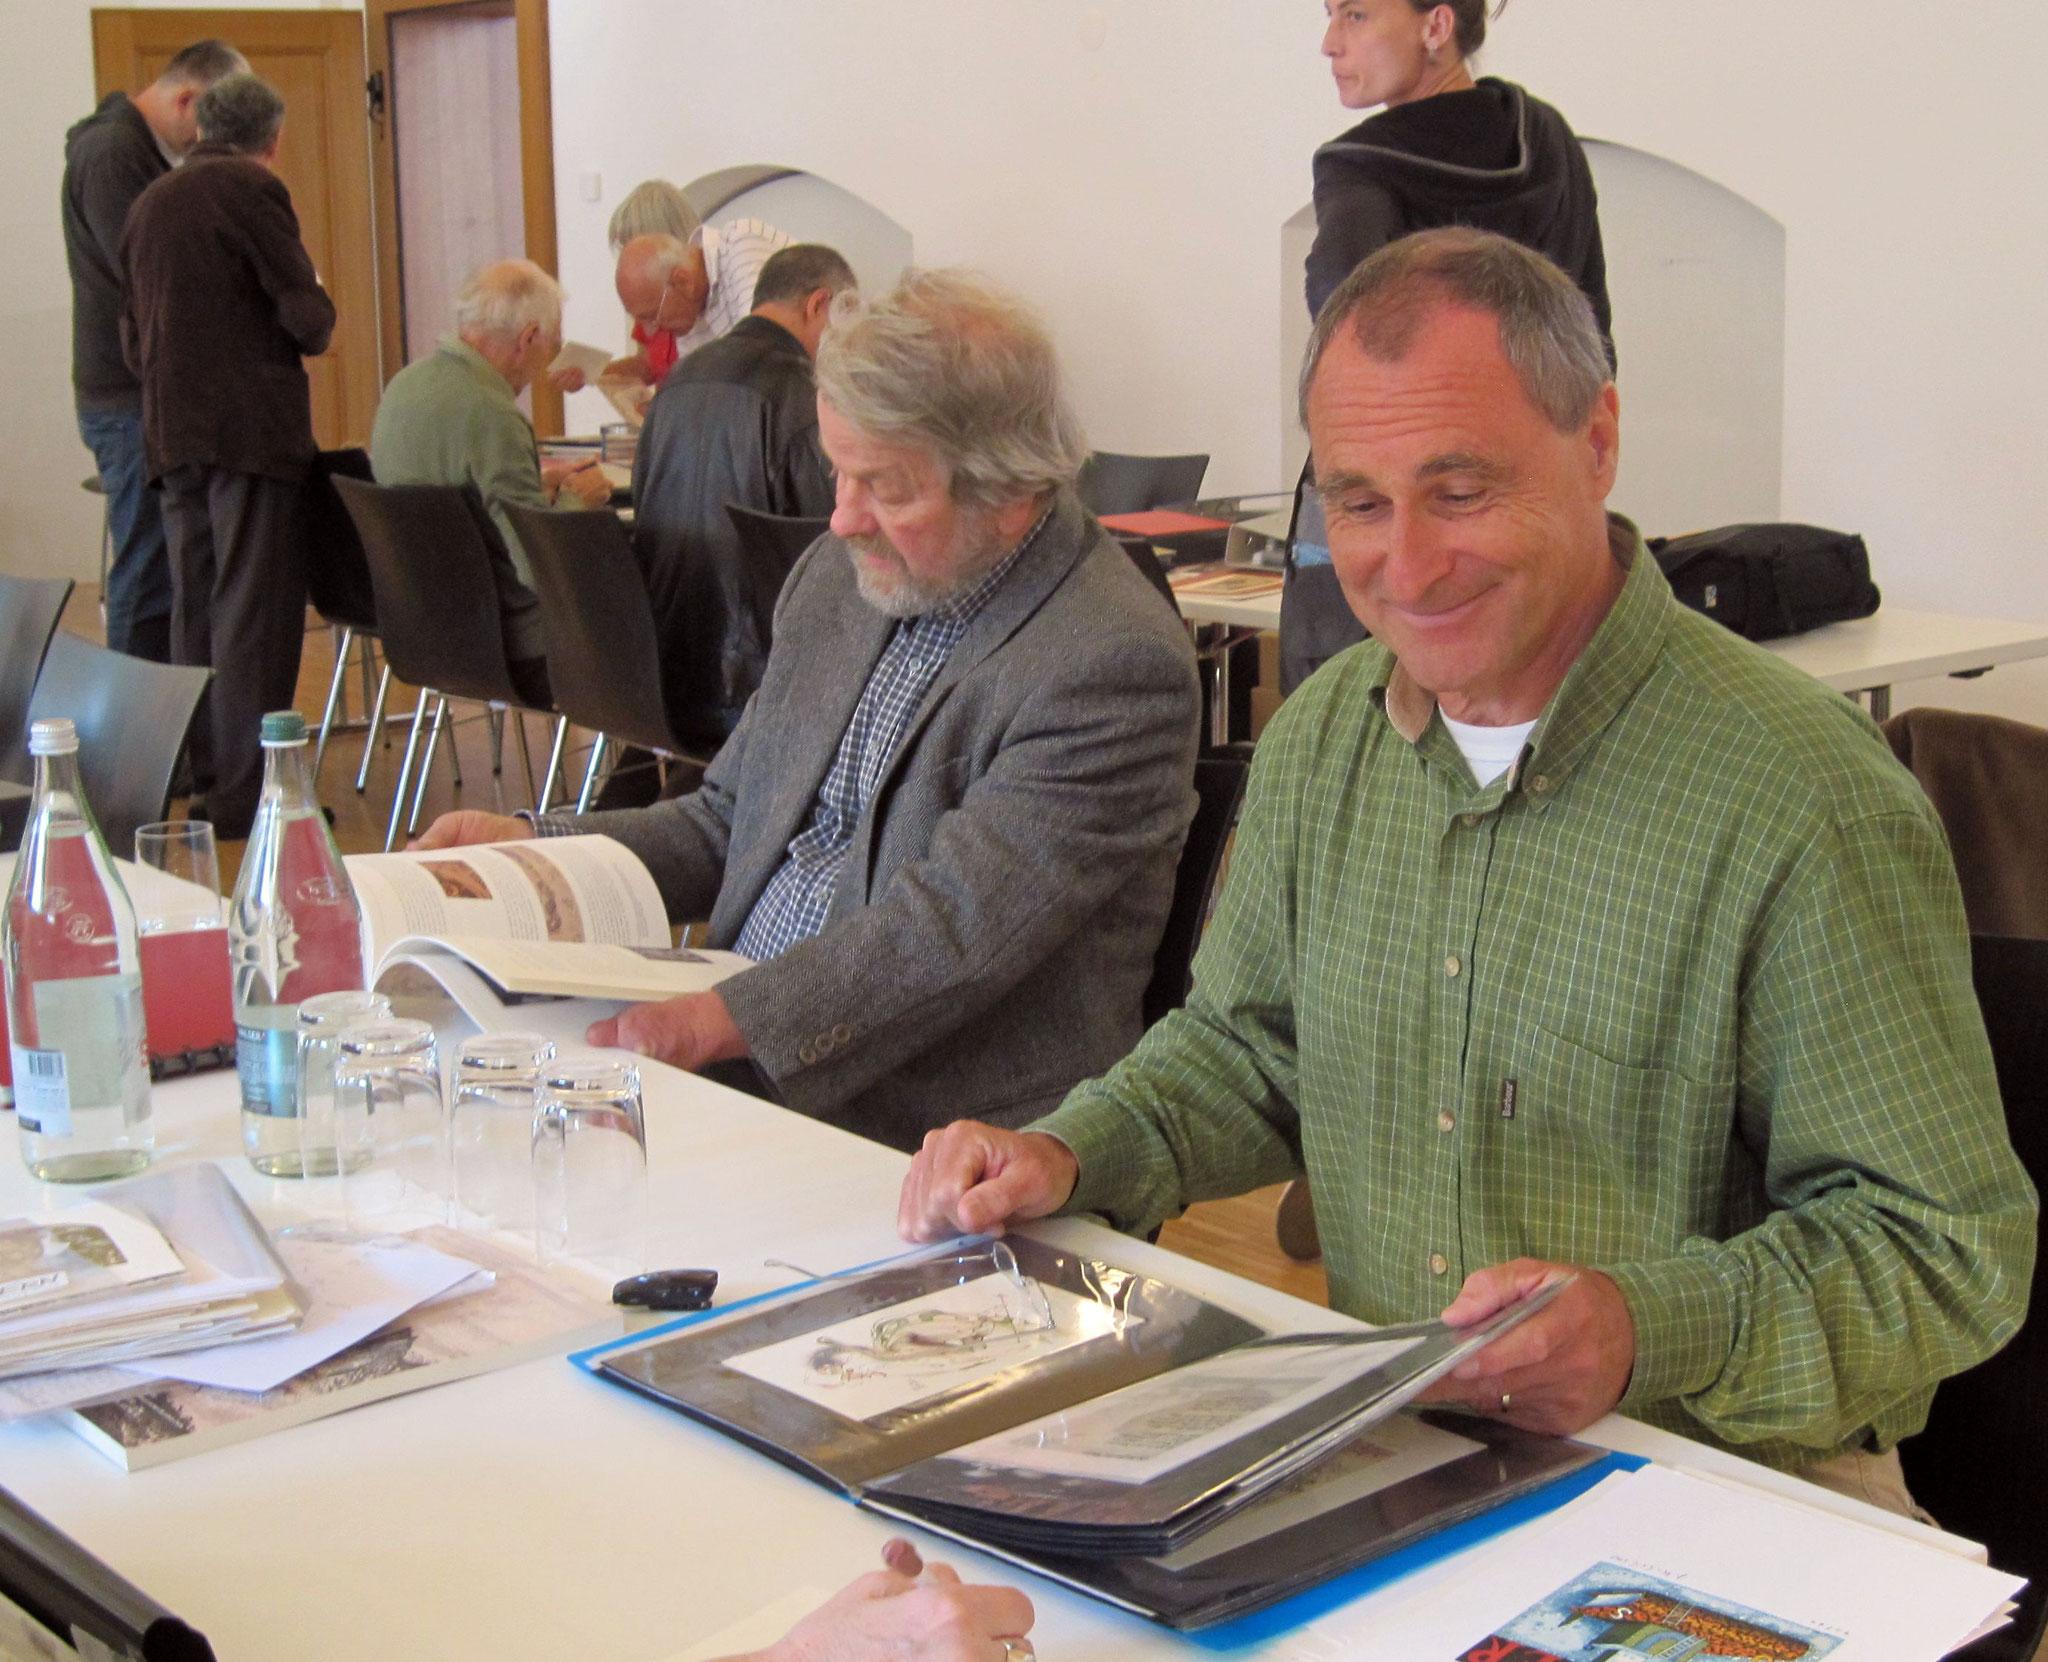 Der Künstler Thomas Wüthrich und der Sammler Bruno Lamprecht